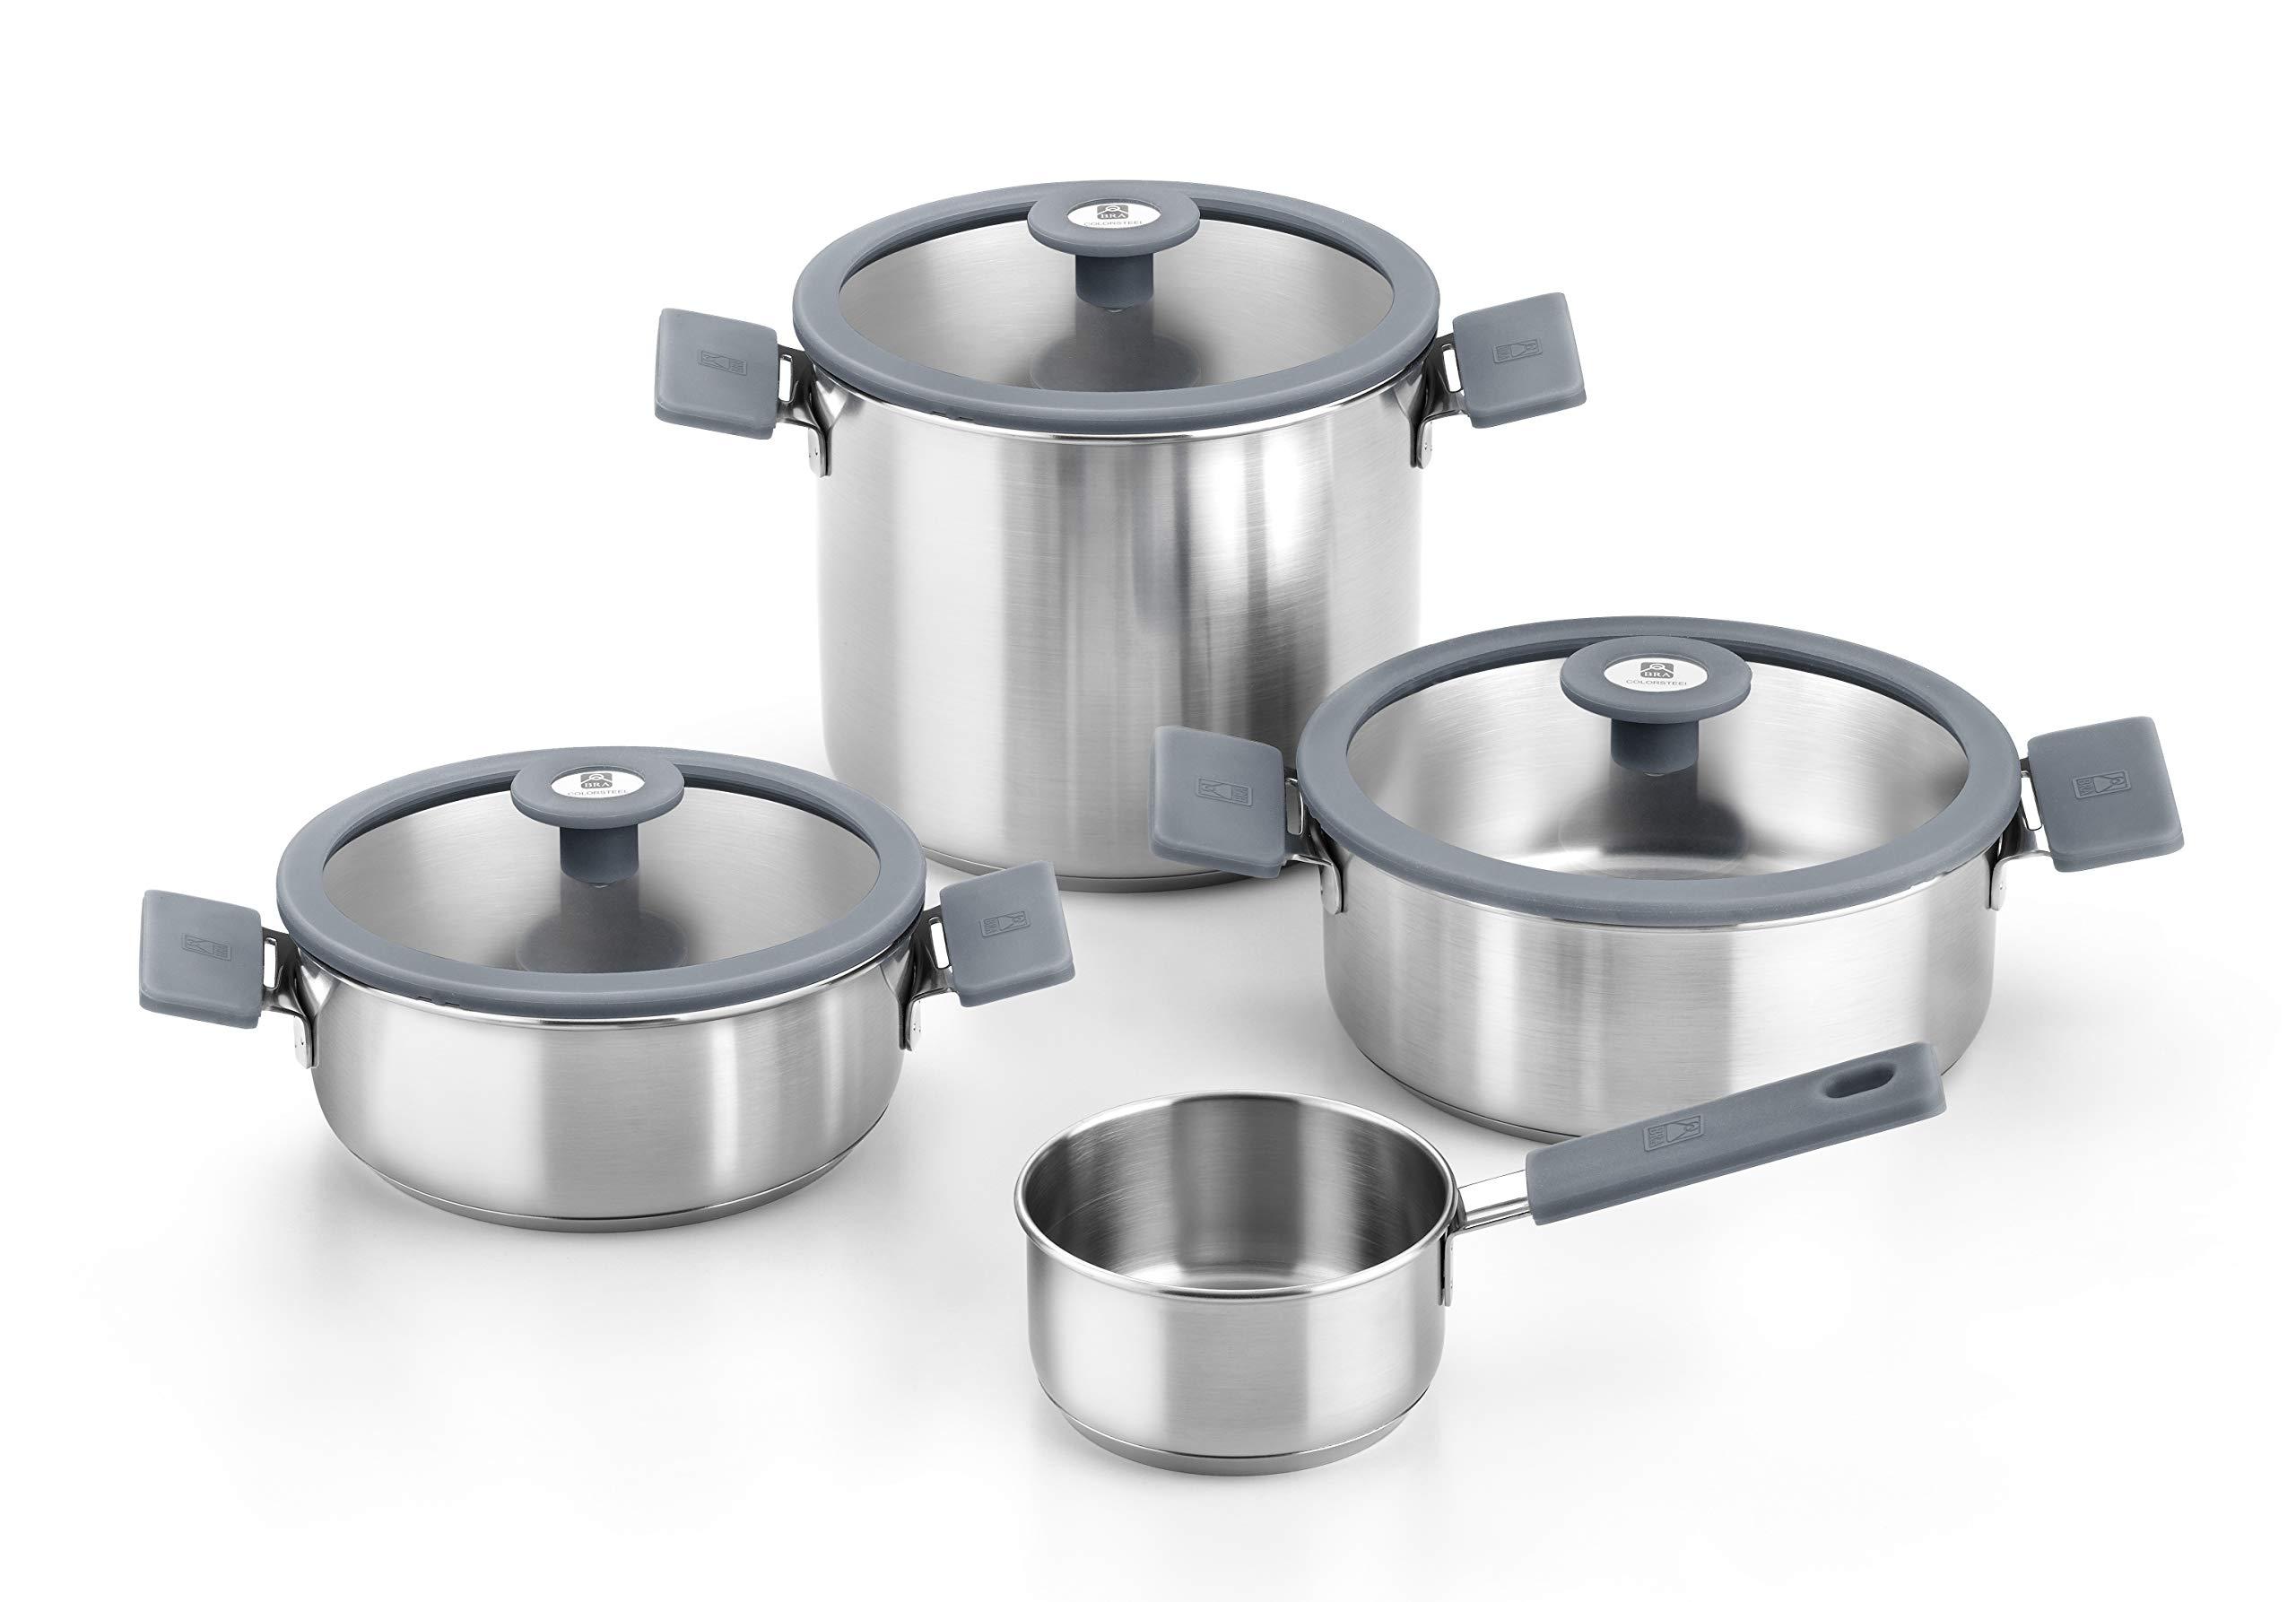 Bra Color Steel - Batería de cocina 4 piezas de acero inoxidable,apta para todo